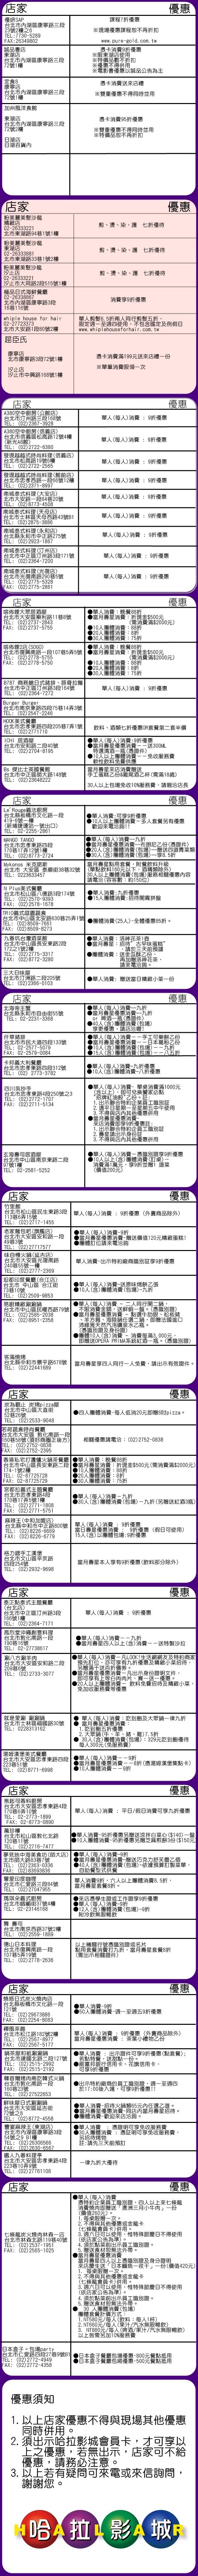 20101005.jpg